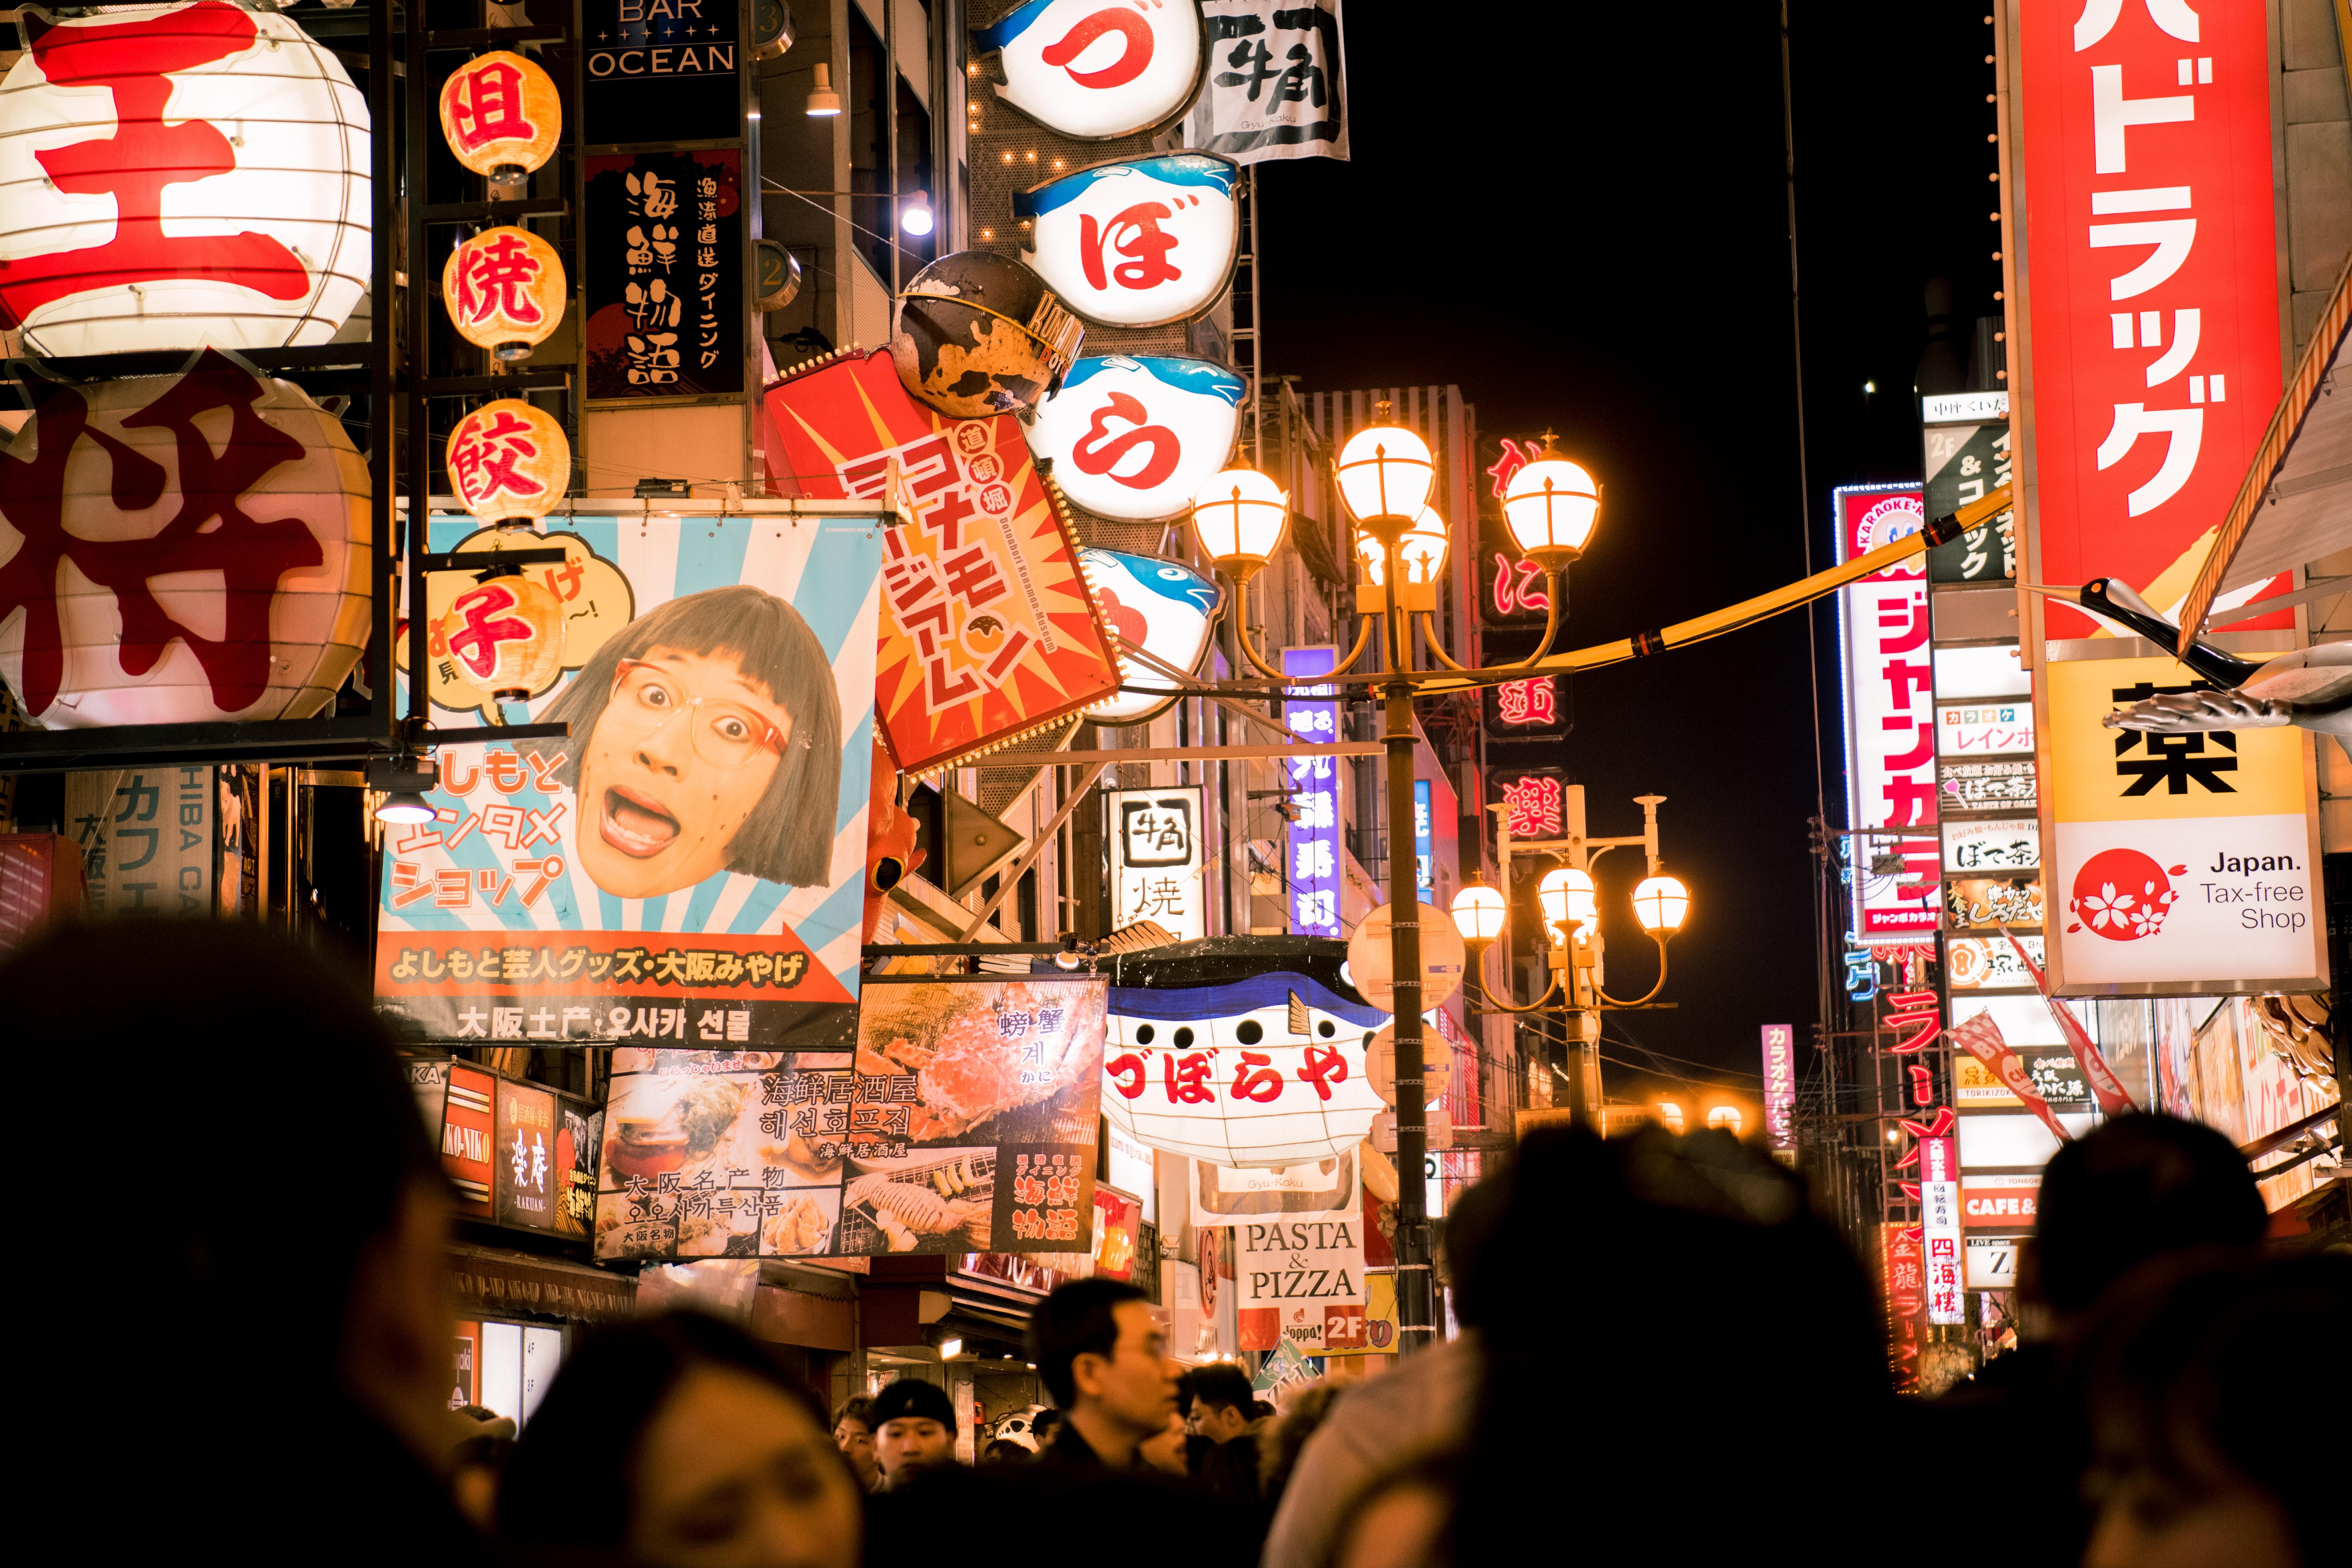 La economía de Japón tiene su primer 'baja' en 6 años; hay riesgo de recesión